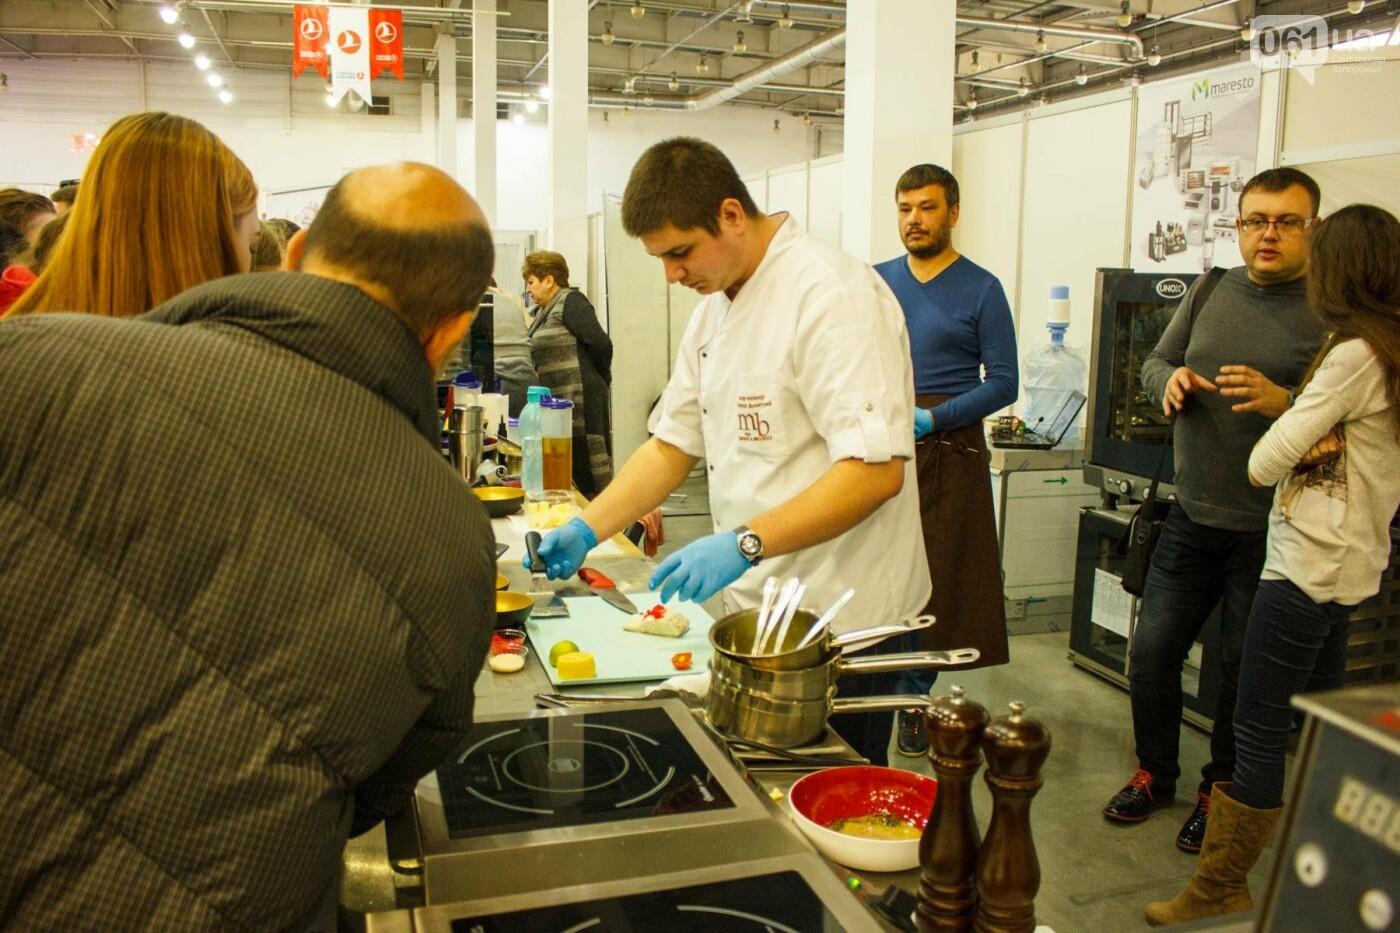 Шеф-повара запорожских ресторанов провели мастер-класс для горожан: как это было, - ФОТОРЕПОРТАЖ, фото-56